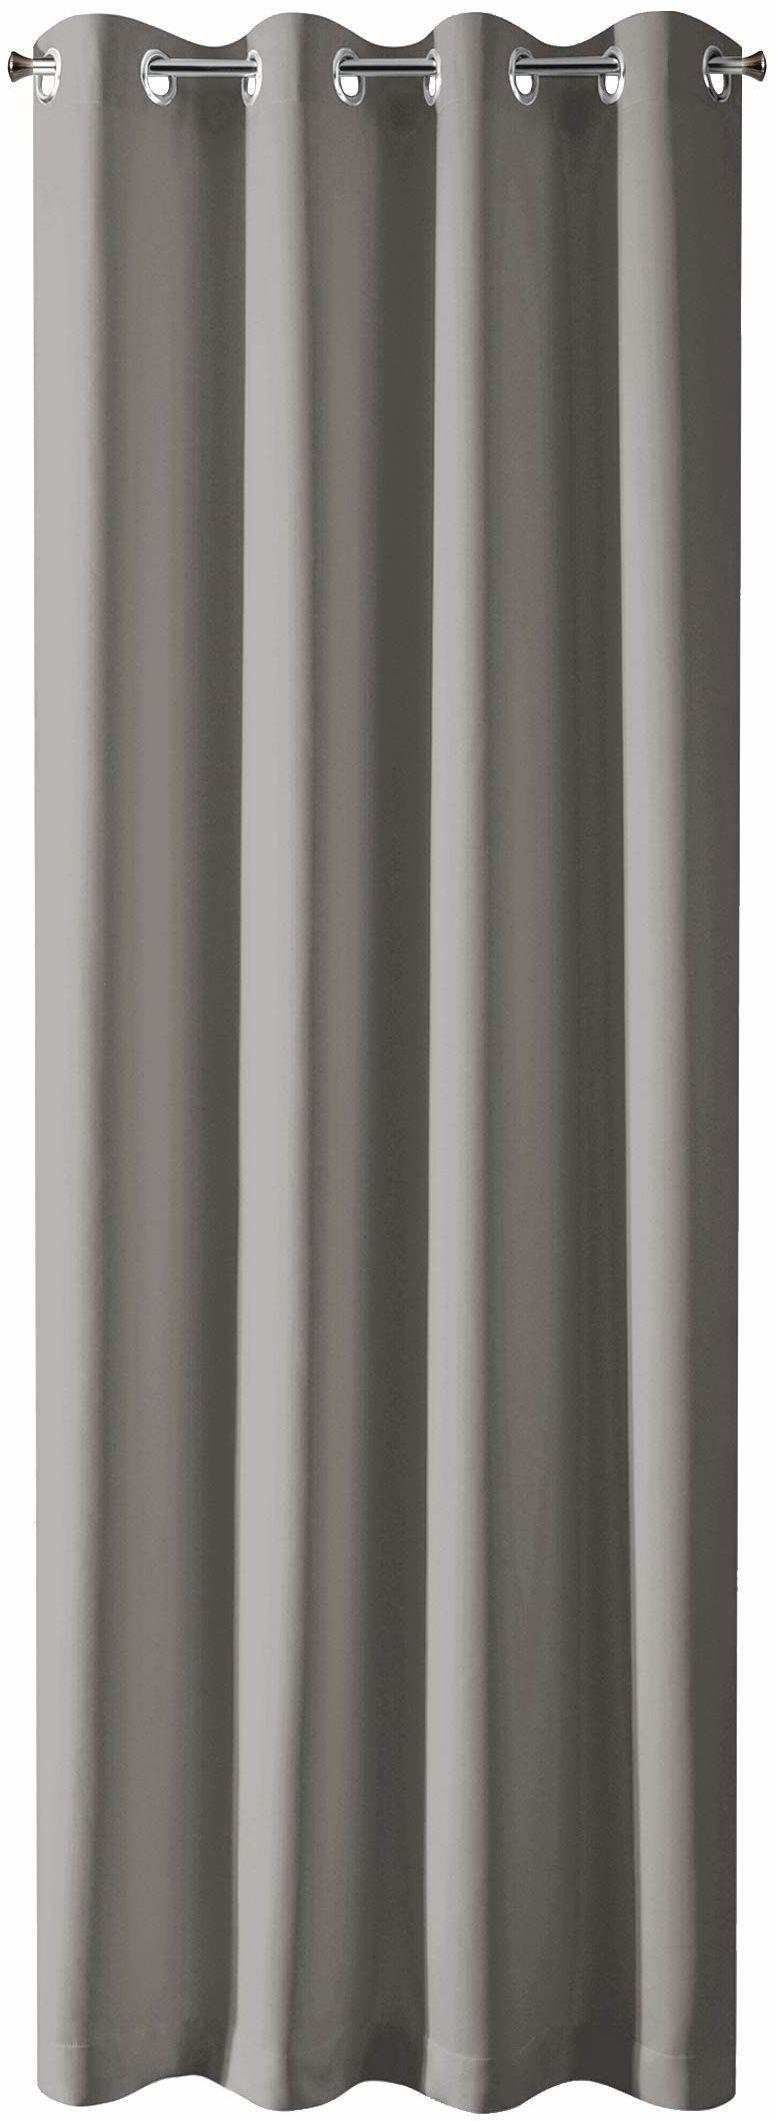 Design91 Gładkie zaciemniające 8 oczek, miękkie zasłony, nowoczesne proste zasłony do sypialni, pokoju dziecięcego, salonu, grafitu, 135 x 250 cm